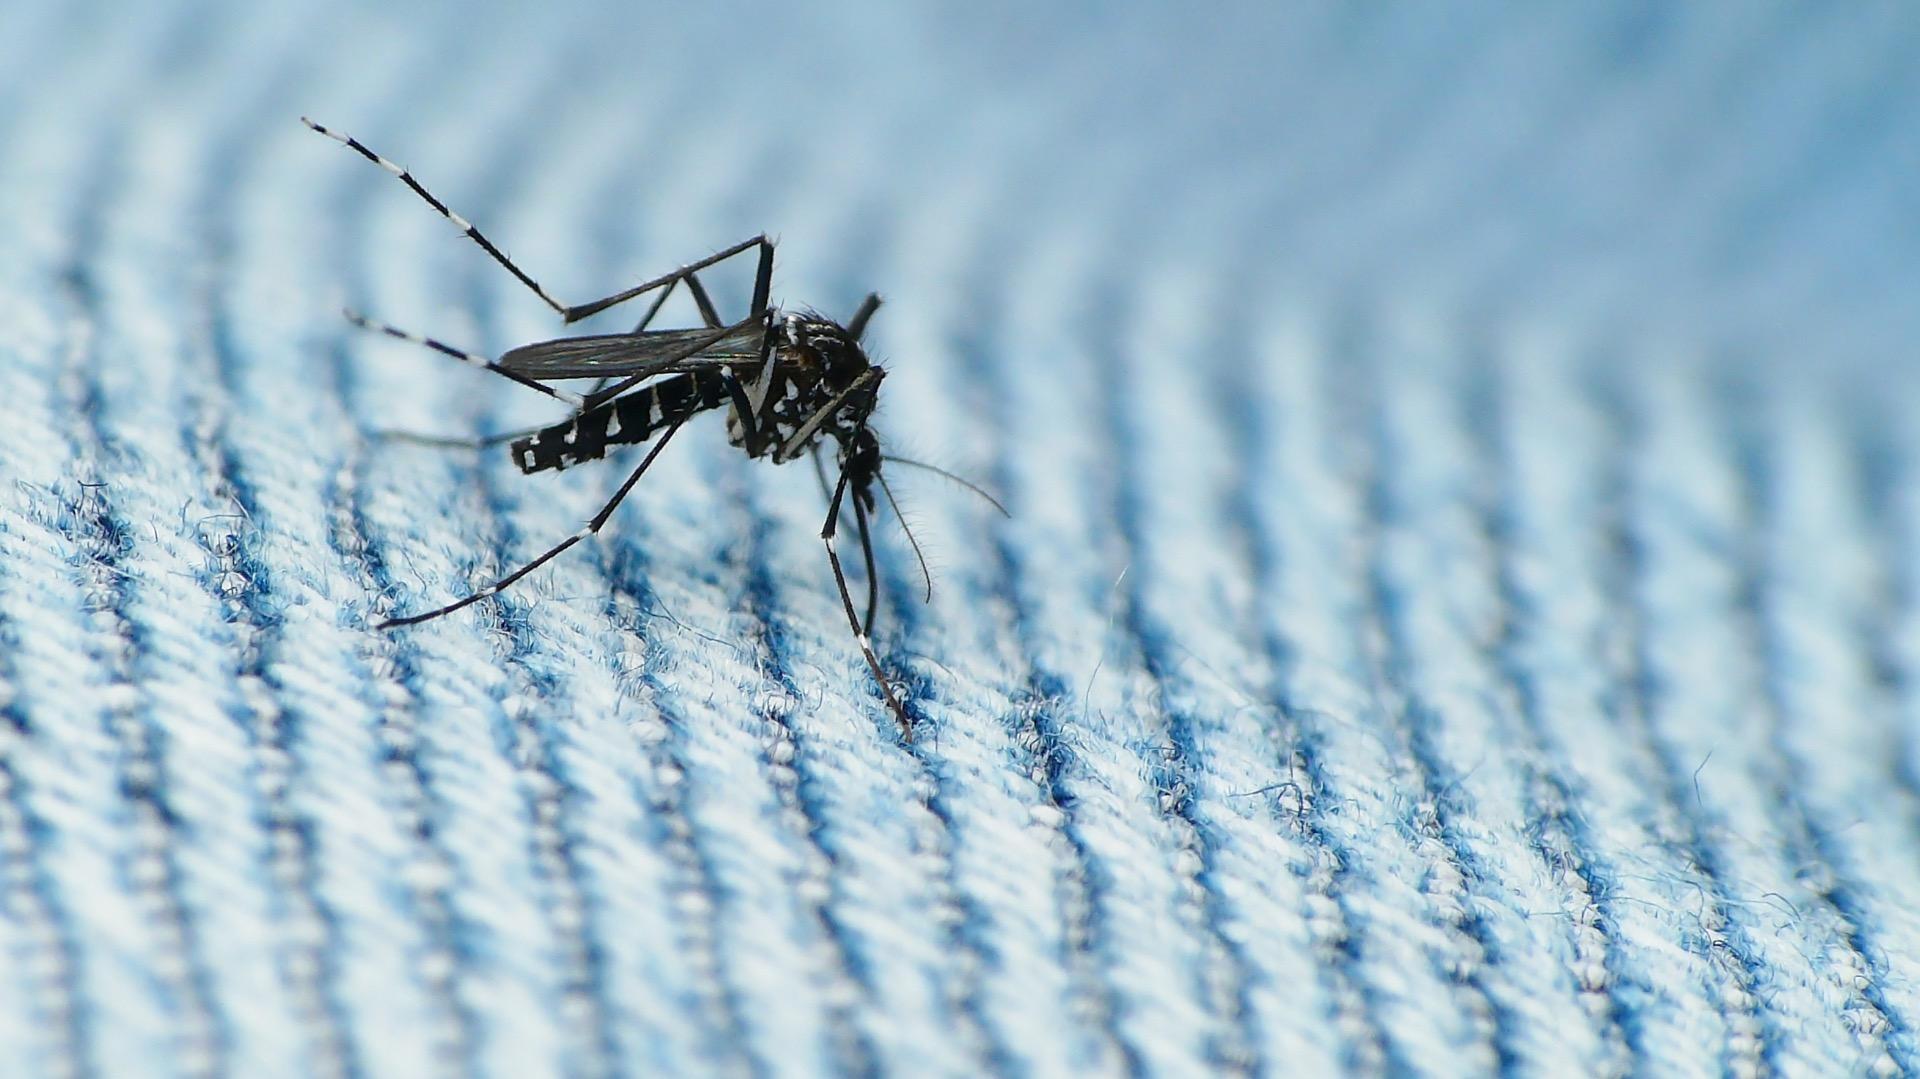 Ученые подтвердили, что вирус Зика передается половым путем